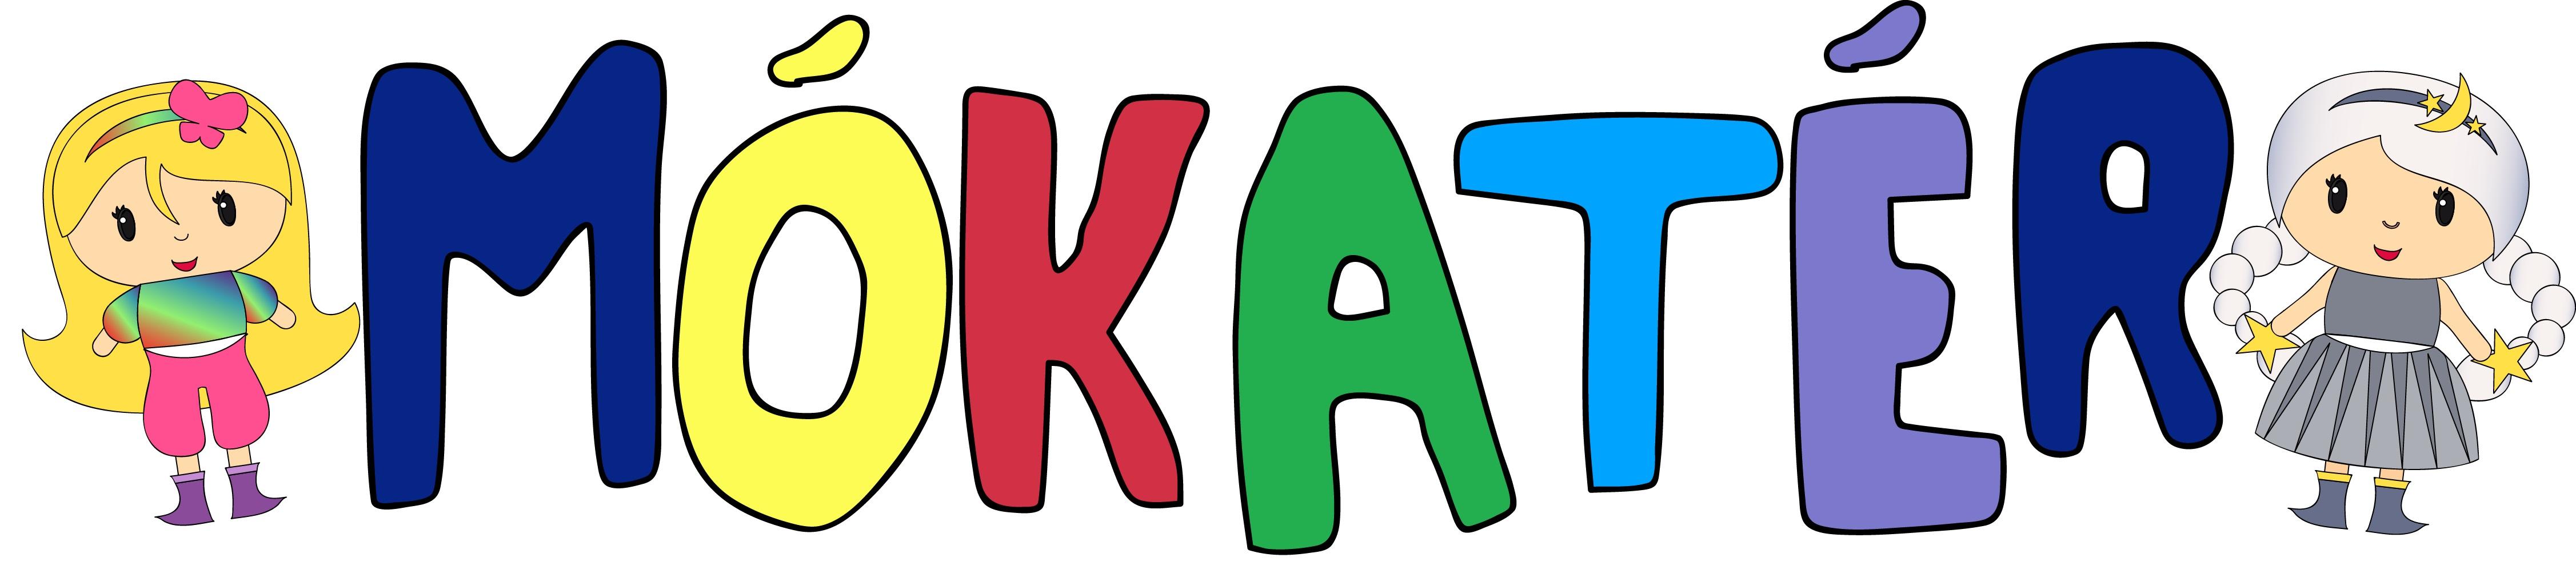 mókatér_logo